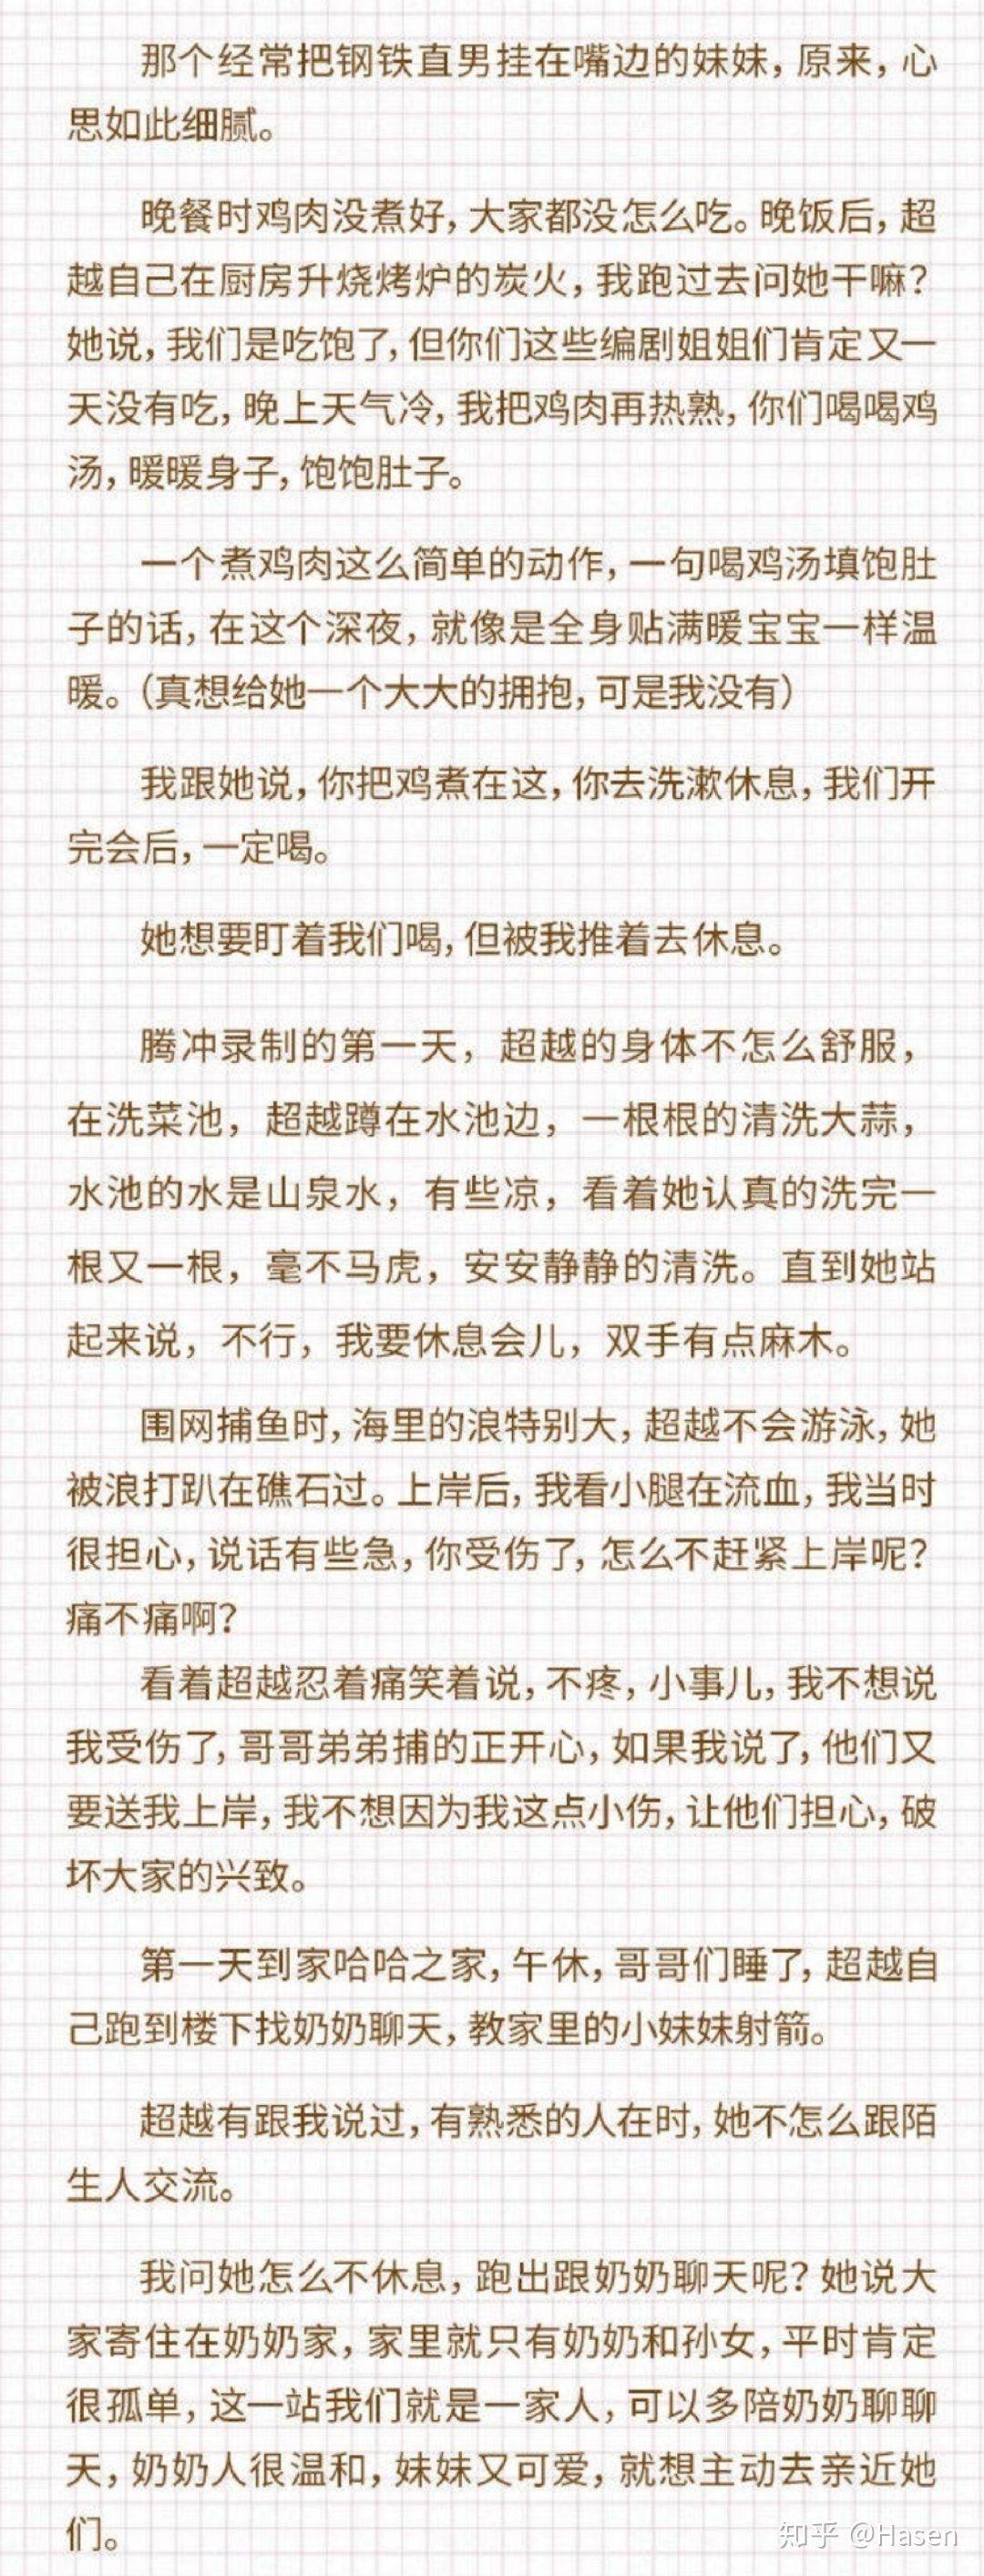 如何看待杨超越片场拍戏时要助理帮忙扔用过的纸,被场外拍摄并有大量微博娱乐号转发?插图12